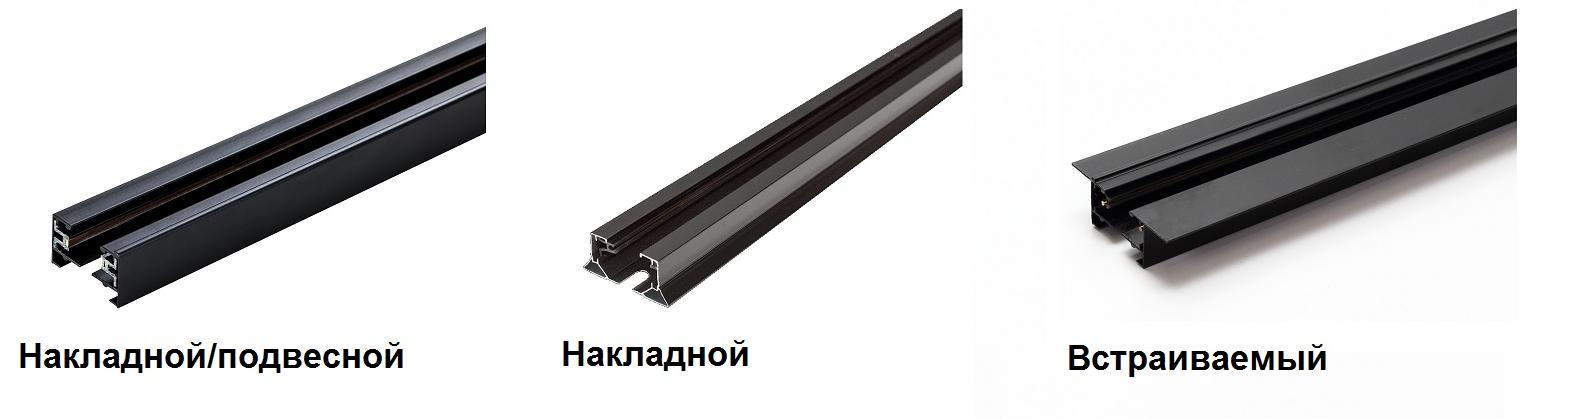 Виды однофазных шинопроводов для трековых светильников